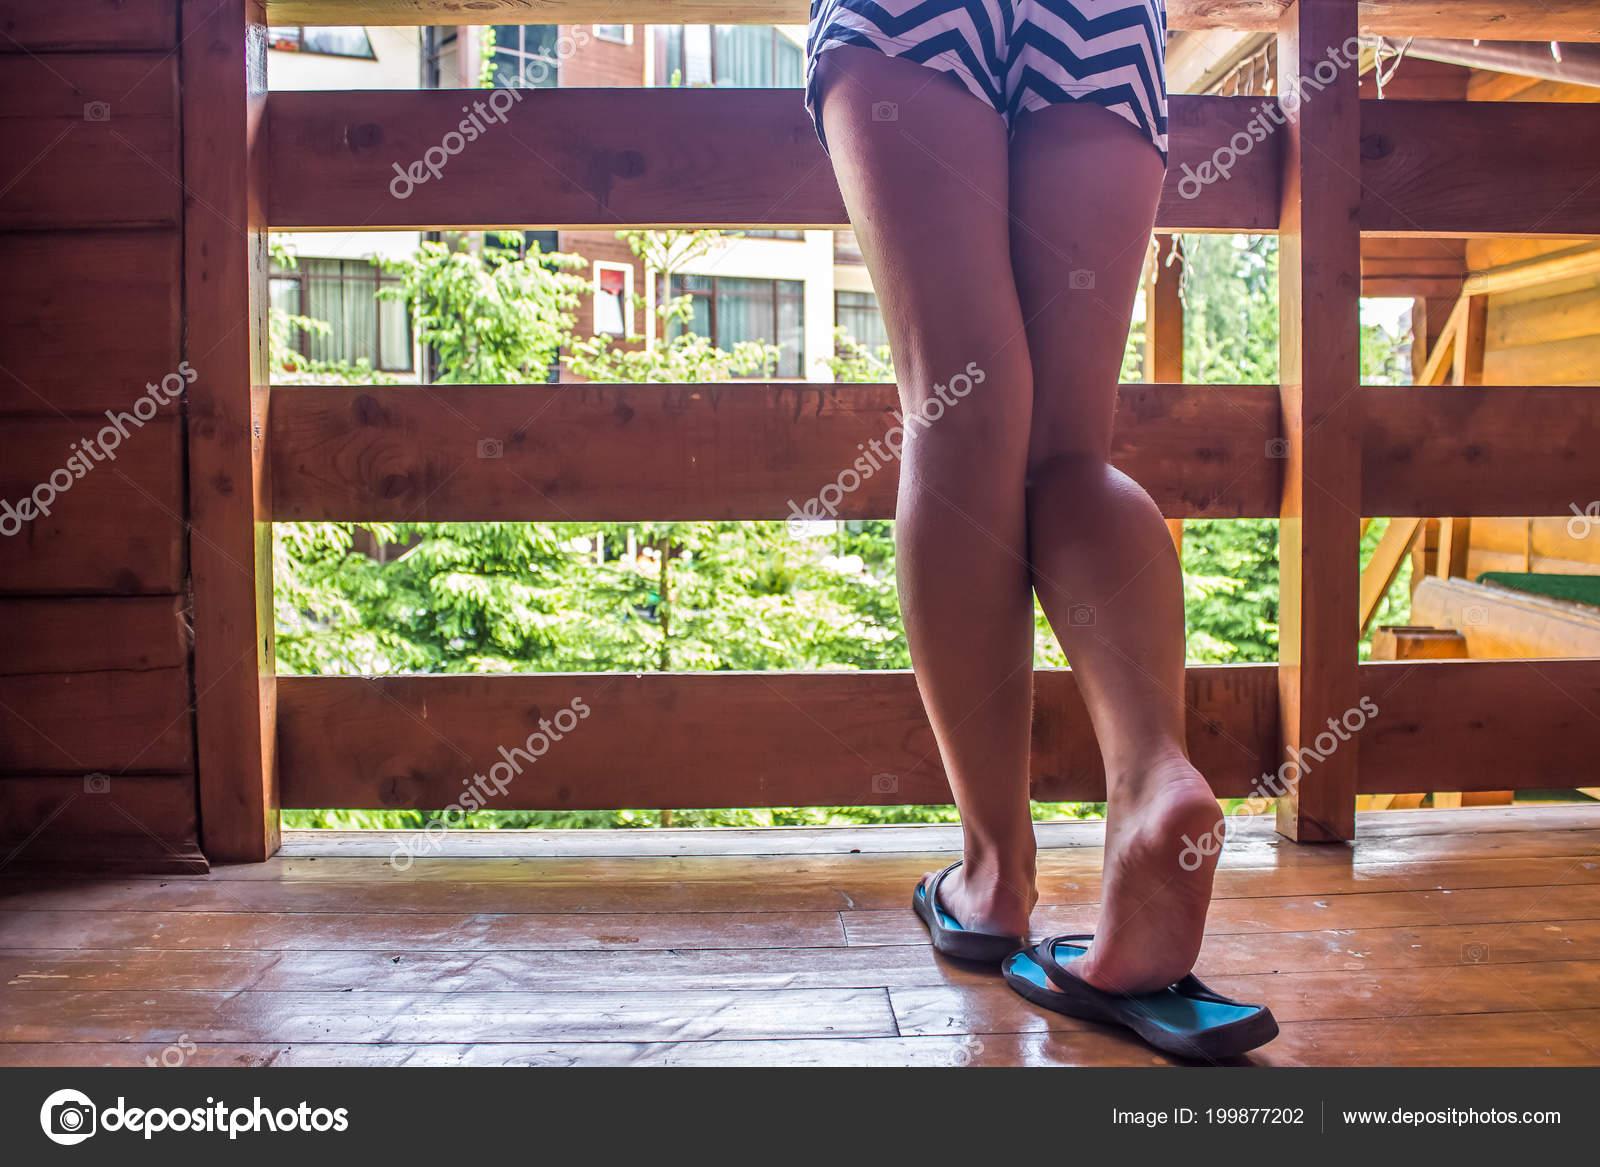 Mädchen Nackten Füßen Auf Holzboden Auf Balkon Stockfoto